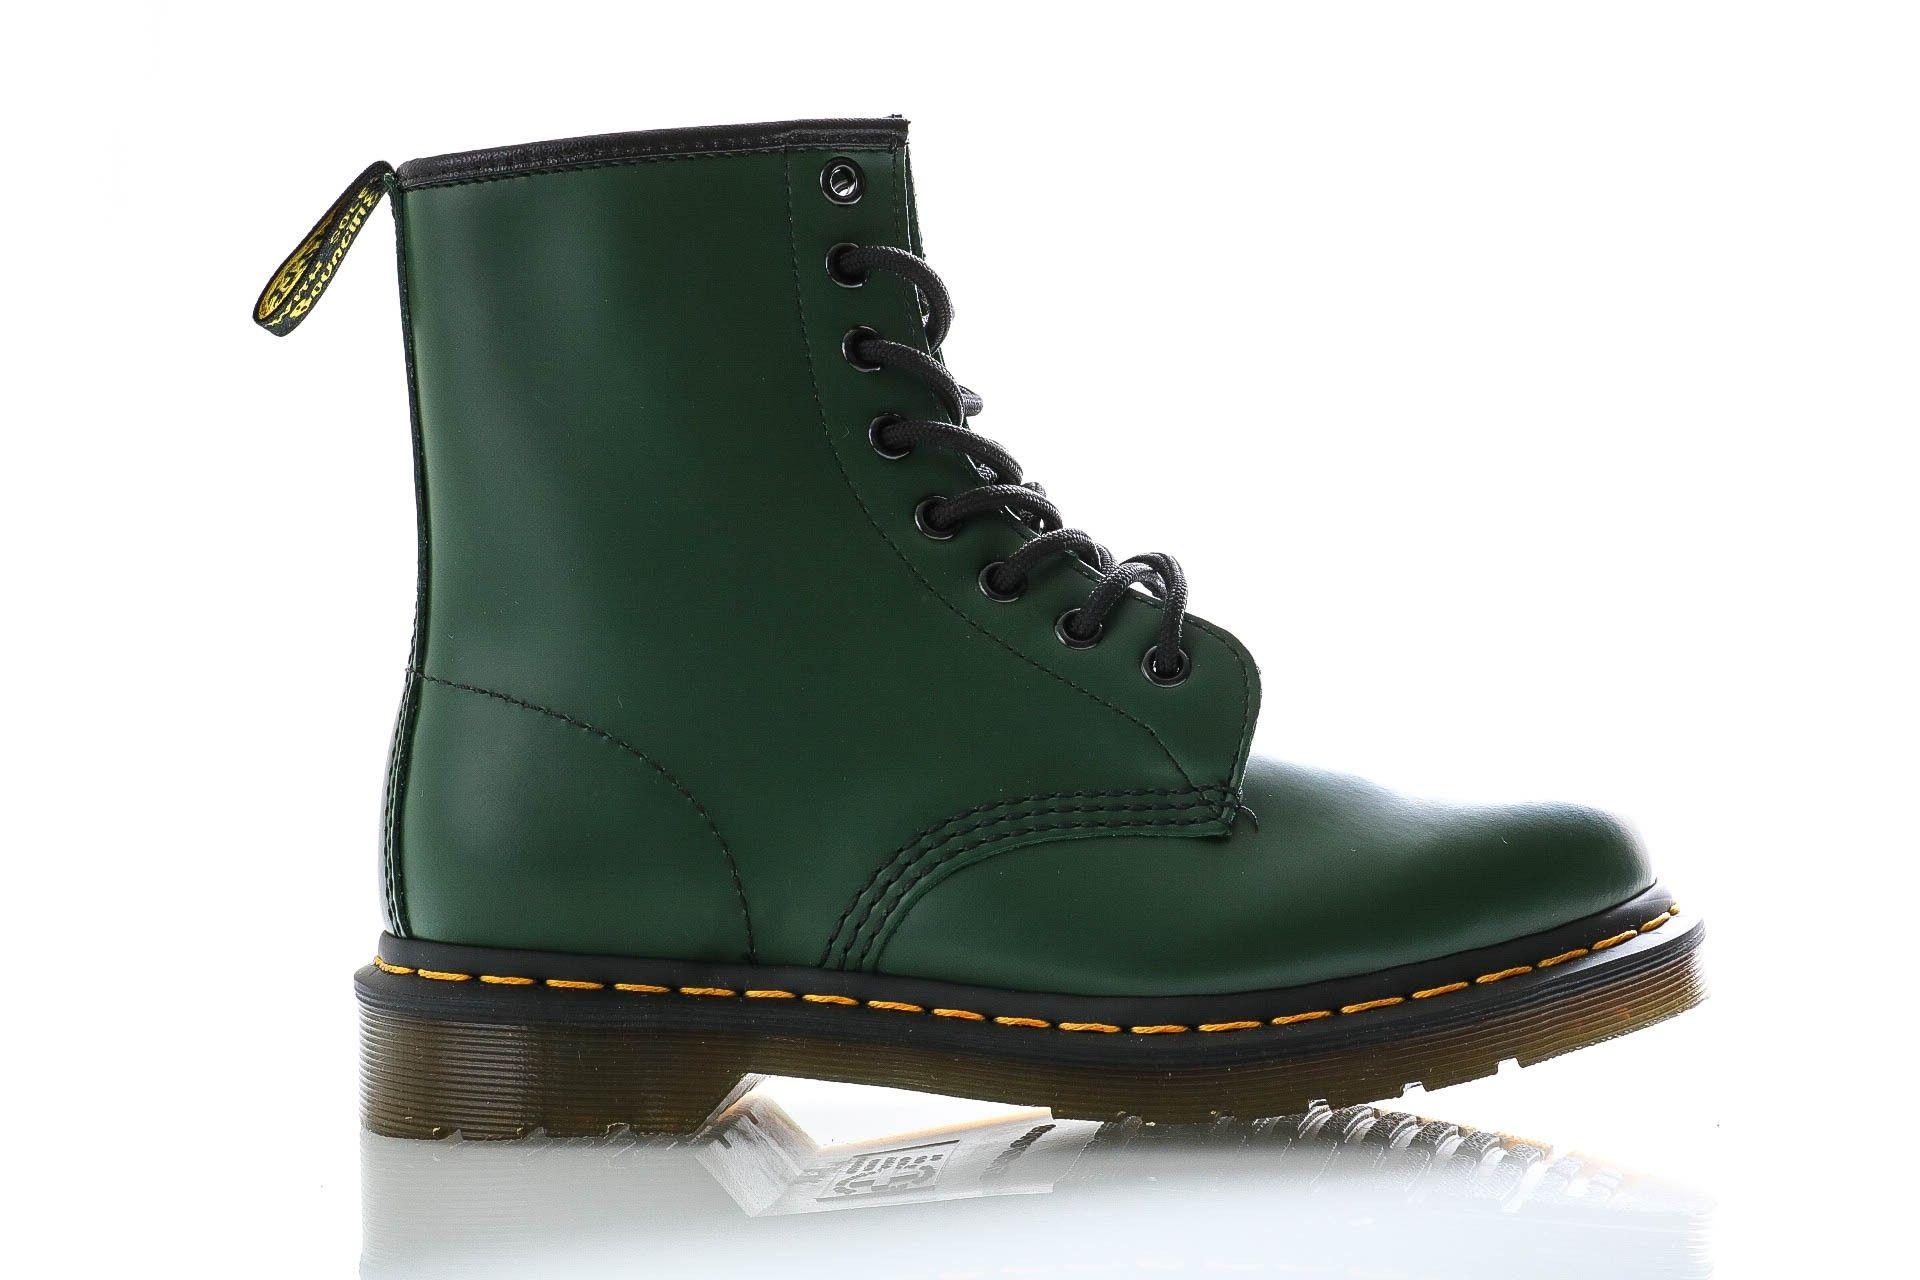 Afbeelding van Dr. Martens Boots 1460 Green Smooth 11822707